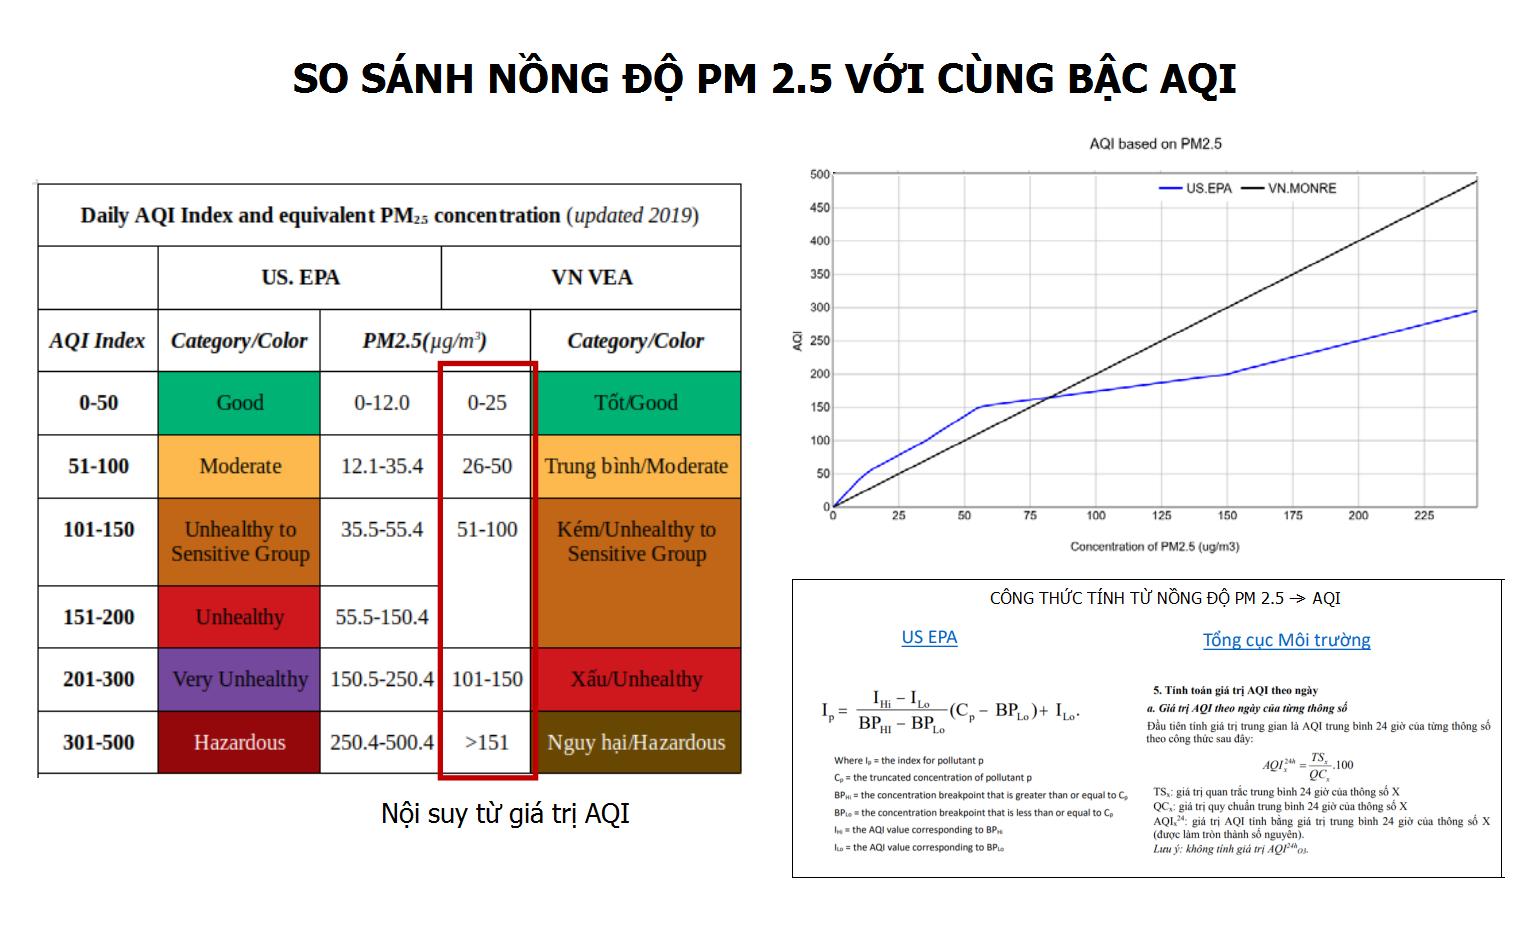 Sự khác nhau trong cách tính AQI về PM2.5 giữa Mỹ và Việt Nam. Cần lưu ý thang màu và khoảng cảnh báo nguy cơ của 2 nước cũng không hoàn toàn tương đồng. Ảnh: Nguyễn Thanh Bình.